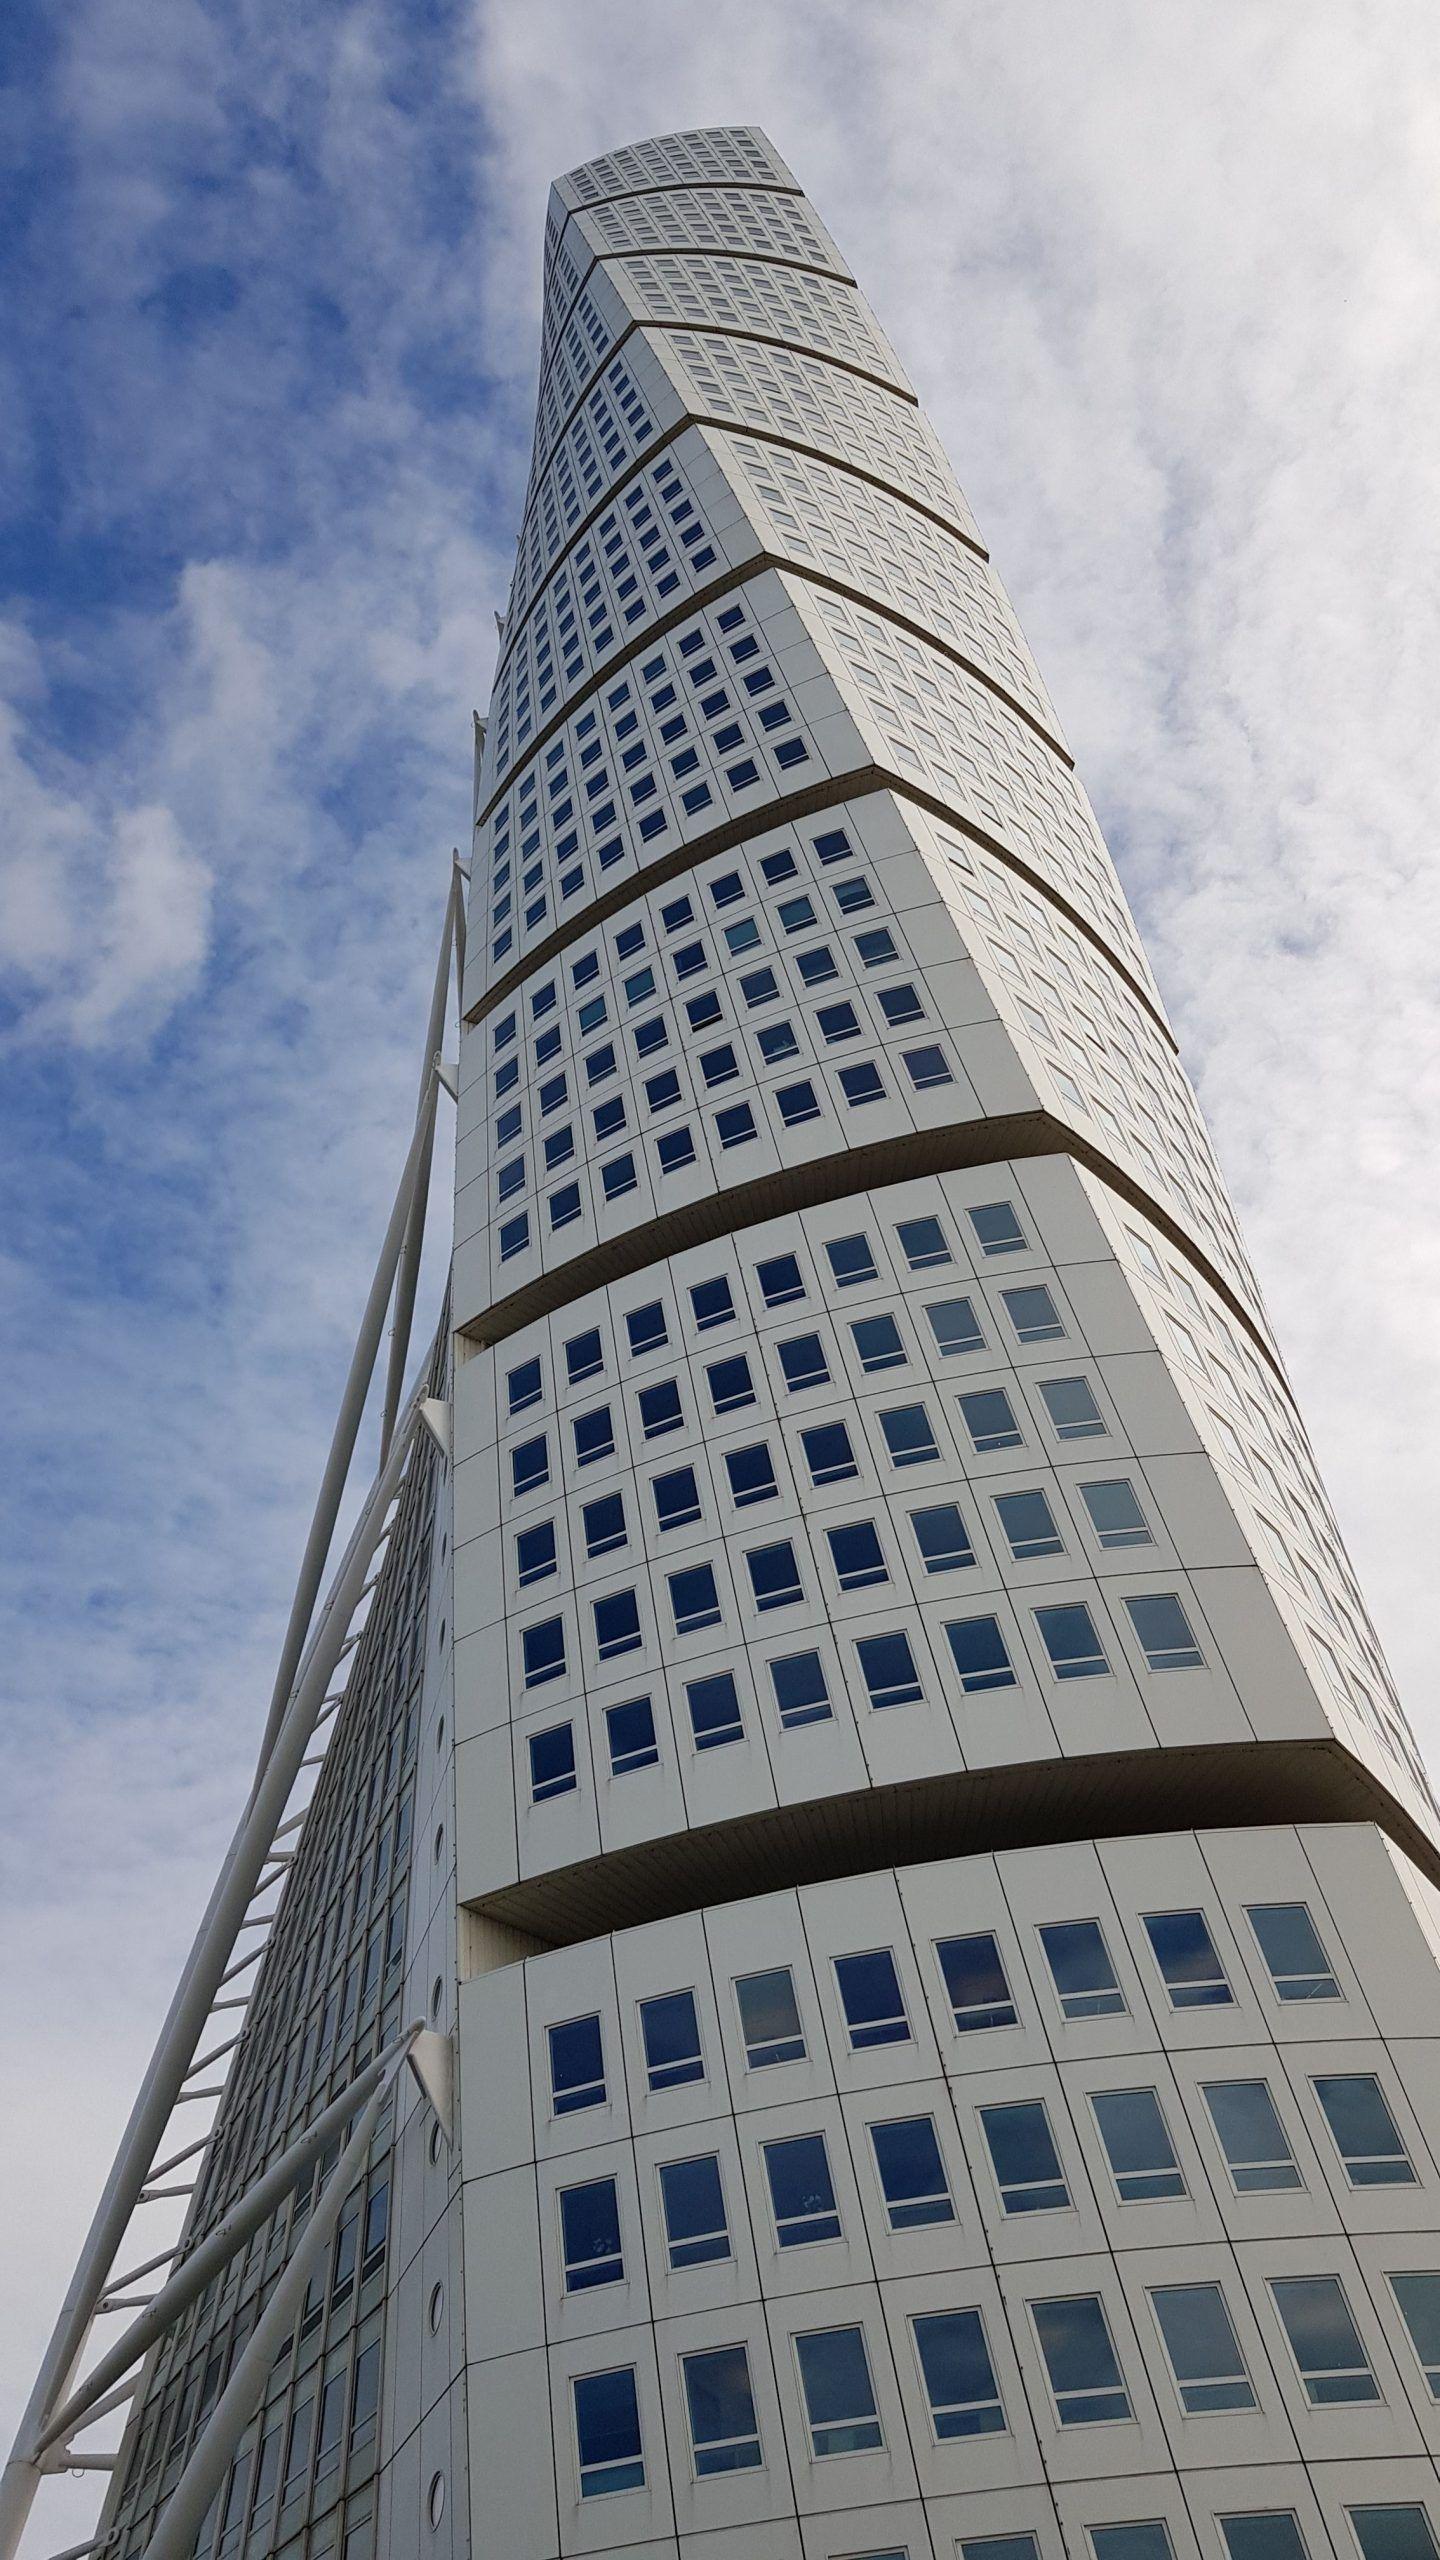 Turning torso, edificio blanco, retorcido, situado en Malmö, Suecia.